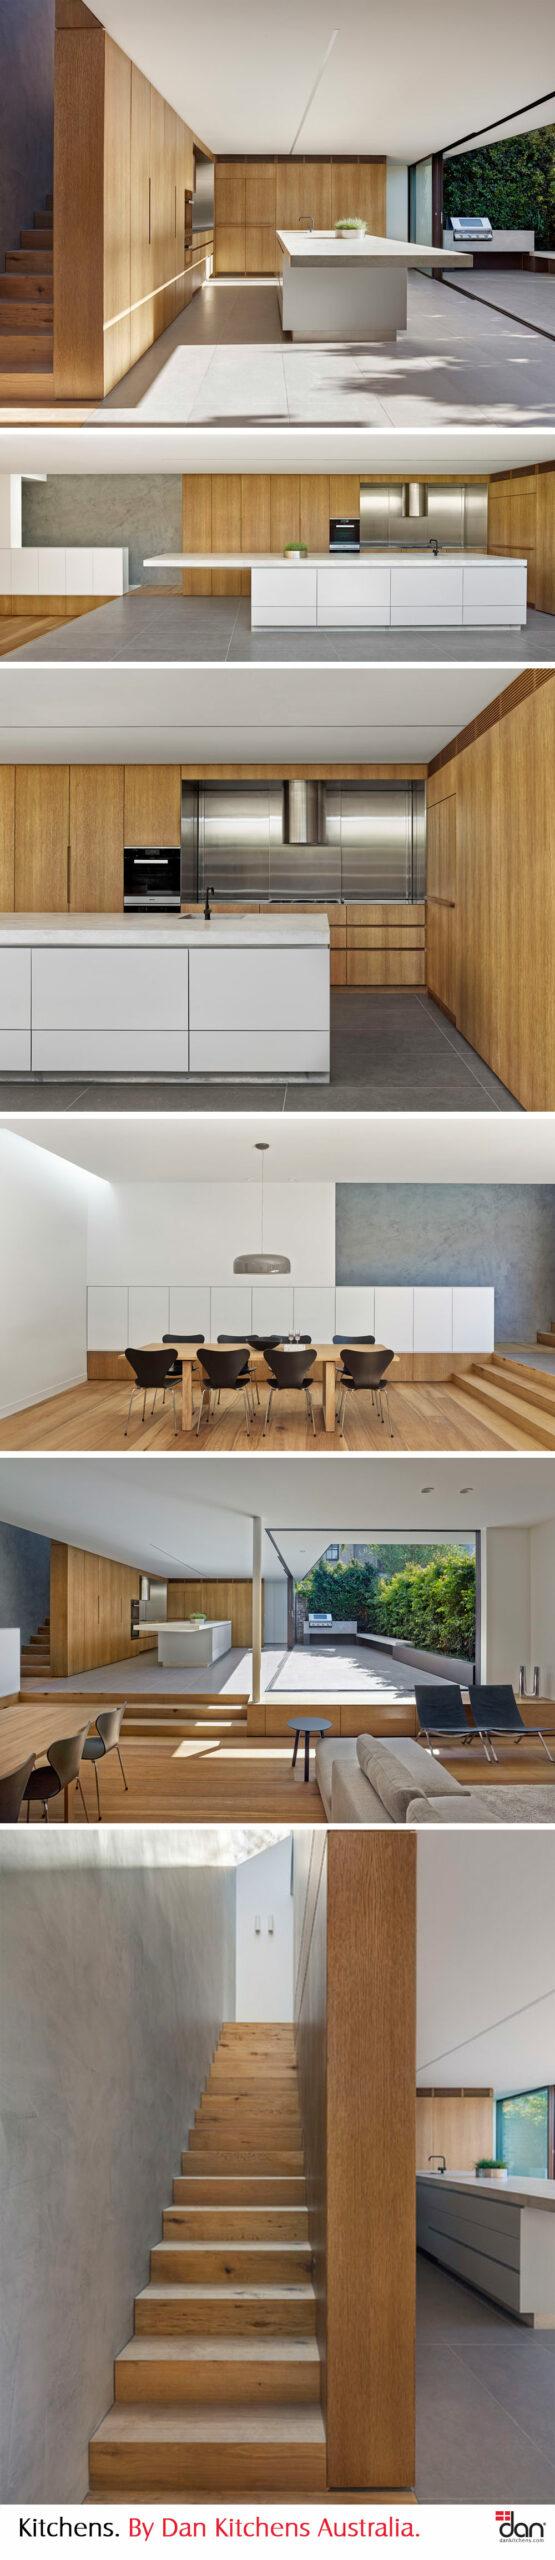 Custom Made Kitchens Sydney